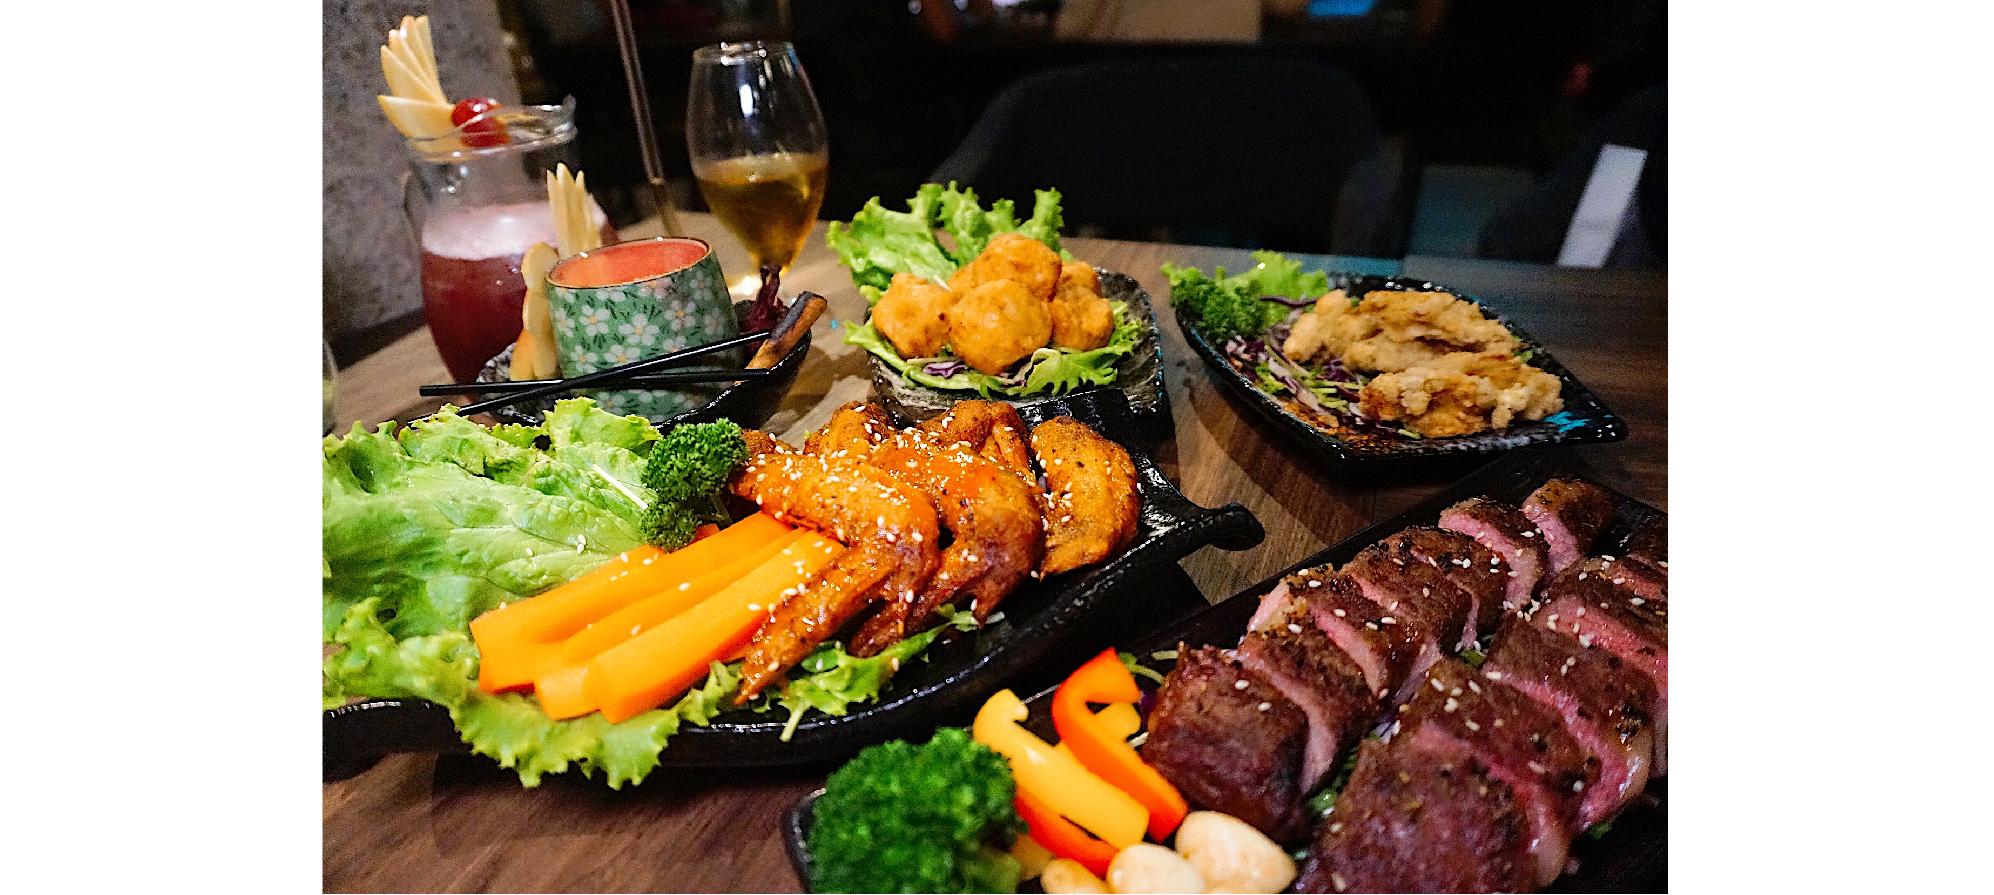 台北車站夜蒲|以台灣味入酒,最有文化特色的台北酒吧